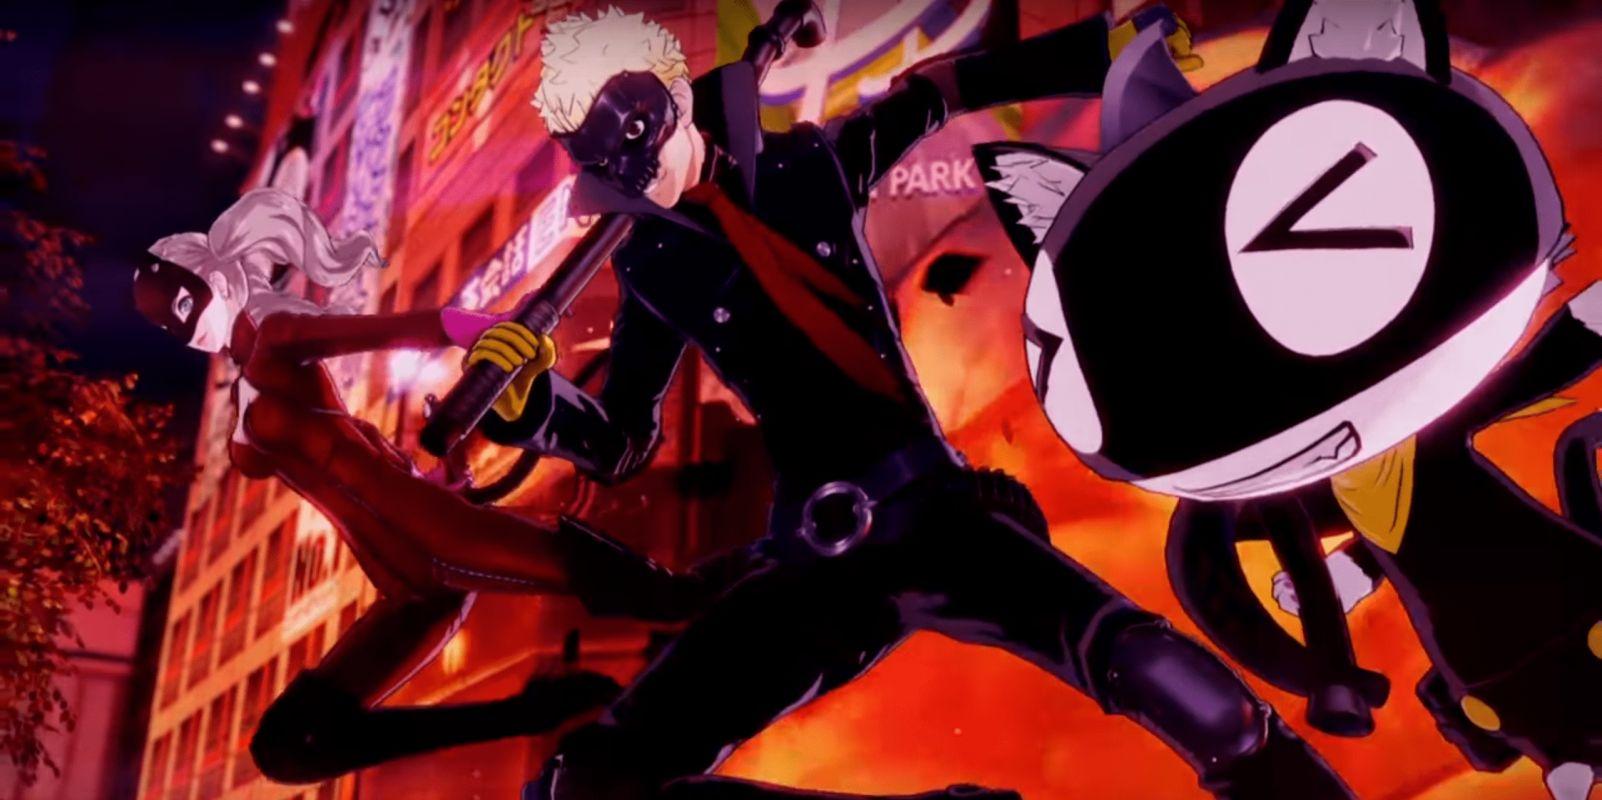 Un nouveau gros trailer pour Persona 5 Scramble The Phantom Strikers